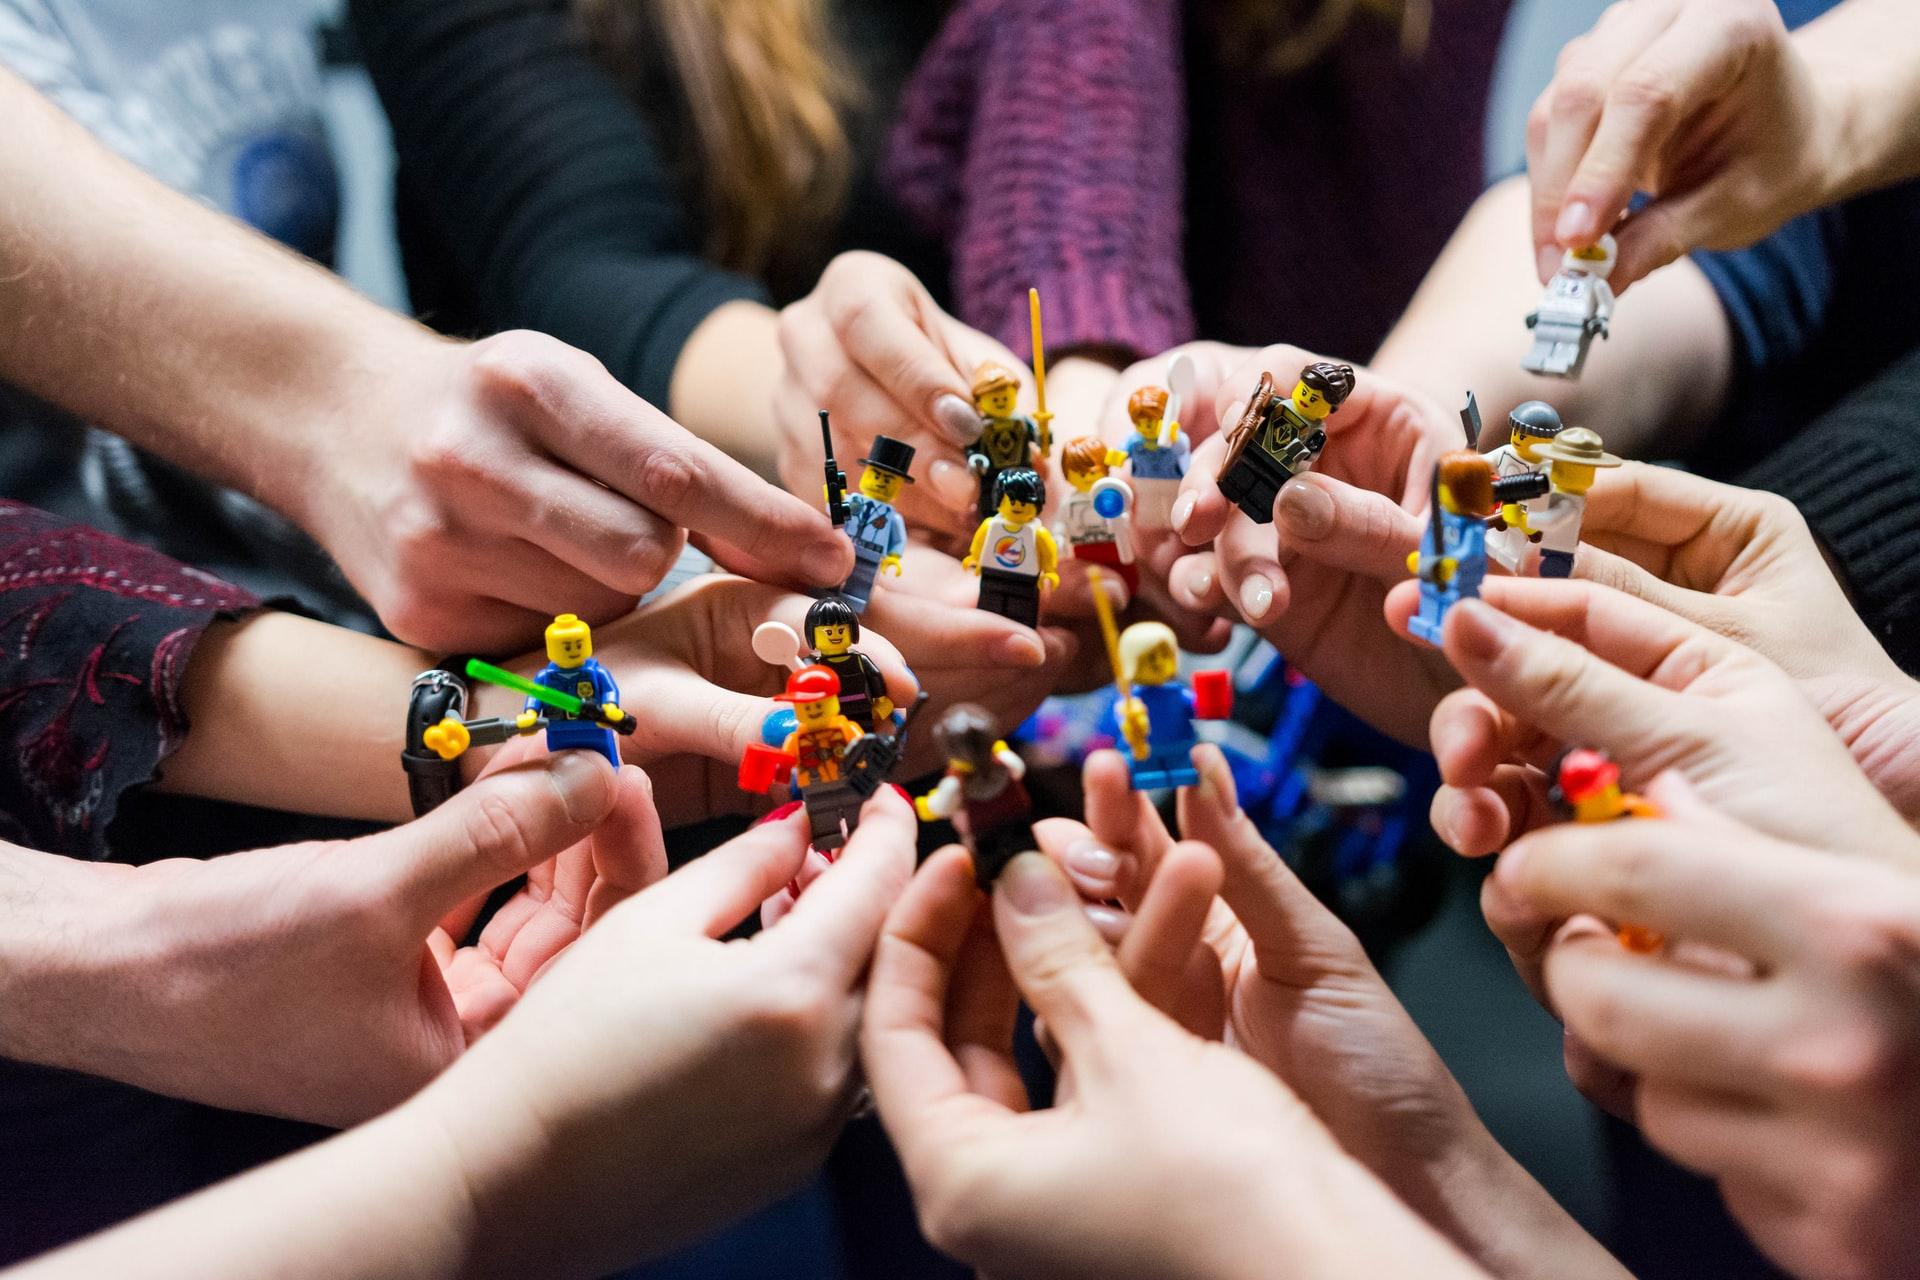 (P) Avantajele jocului cu seturile LEGO atât pentru copii, cât și pentru adulți